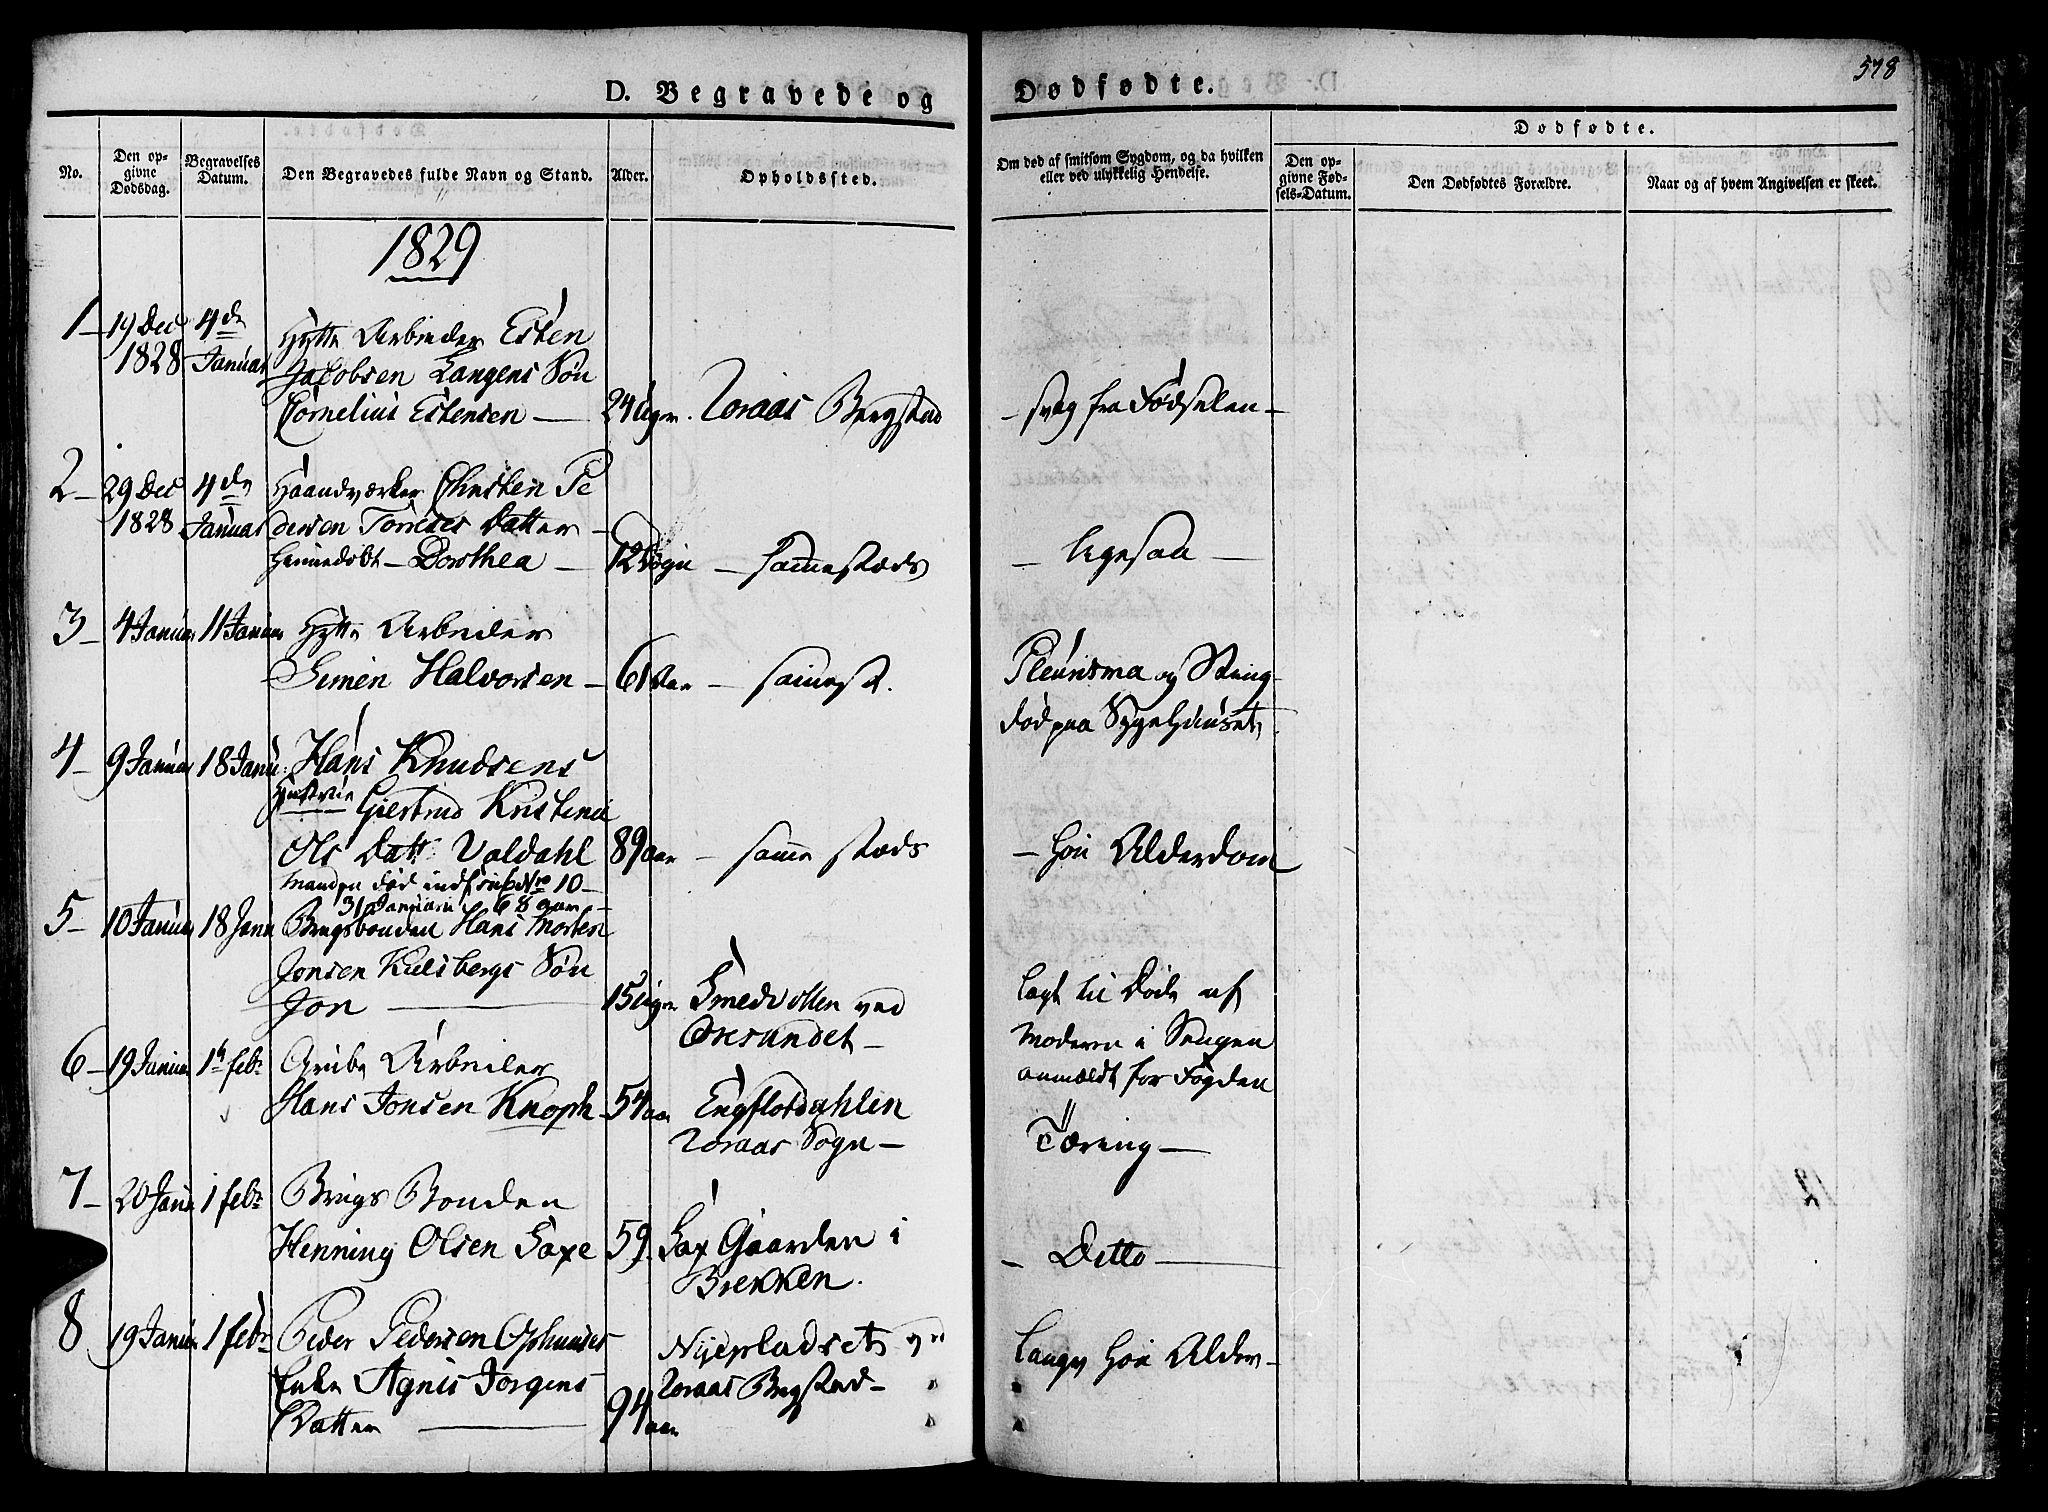 SAT, Ministerialprotokoller, klokkerbøker og fødselsregistre - Sør-Trøndelag, 681/L0930: Ministerialbok nr. 681A08, 1829-1844, s. 578